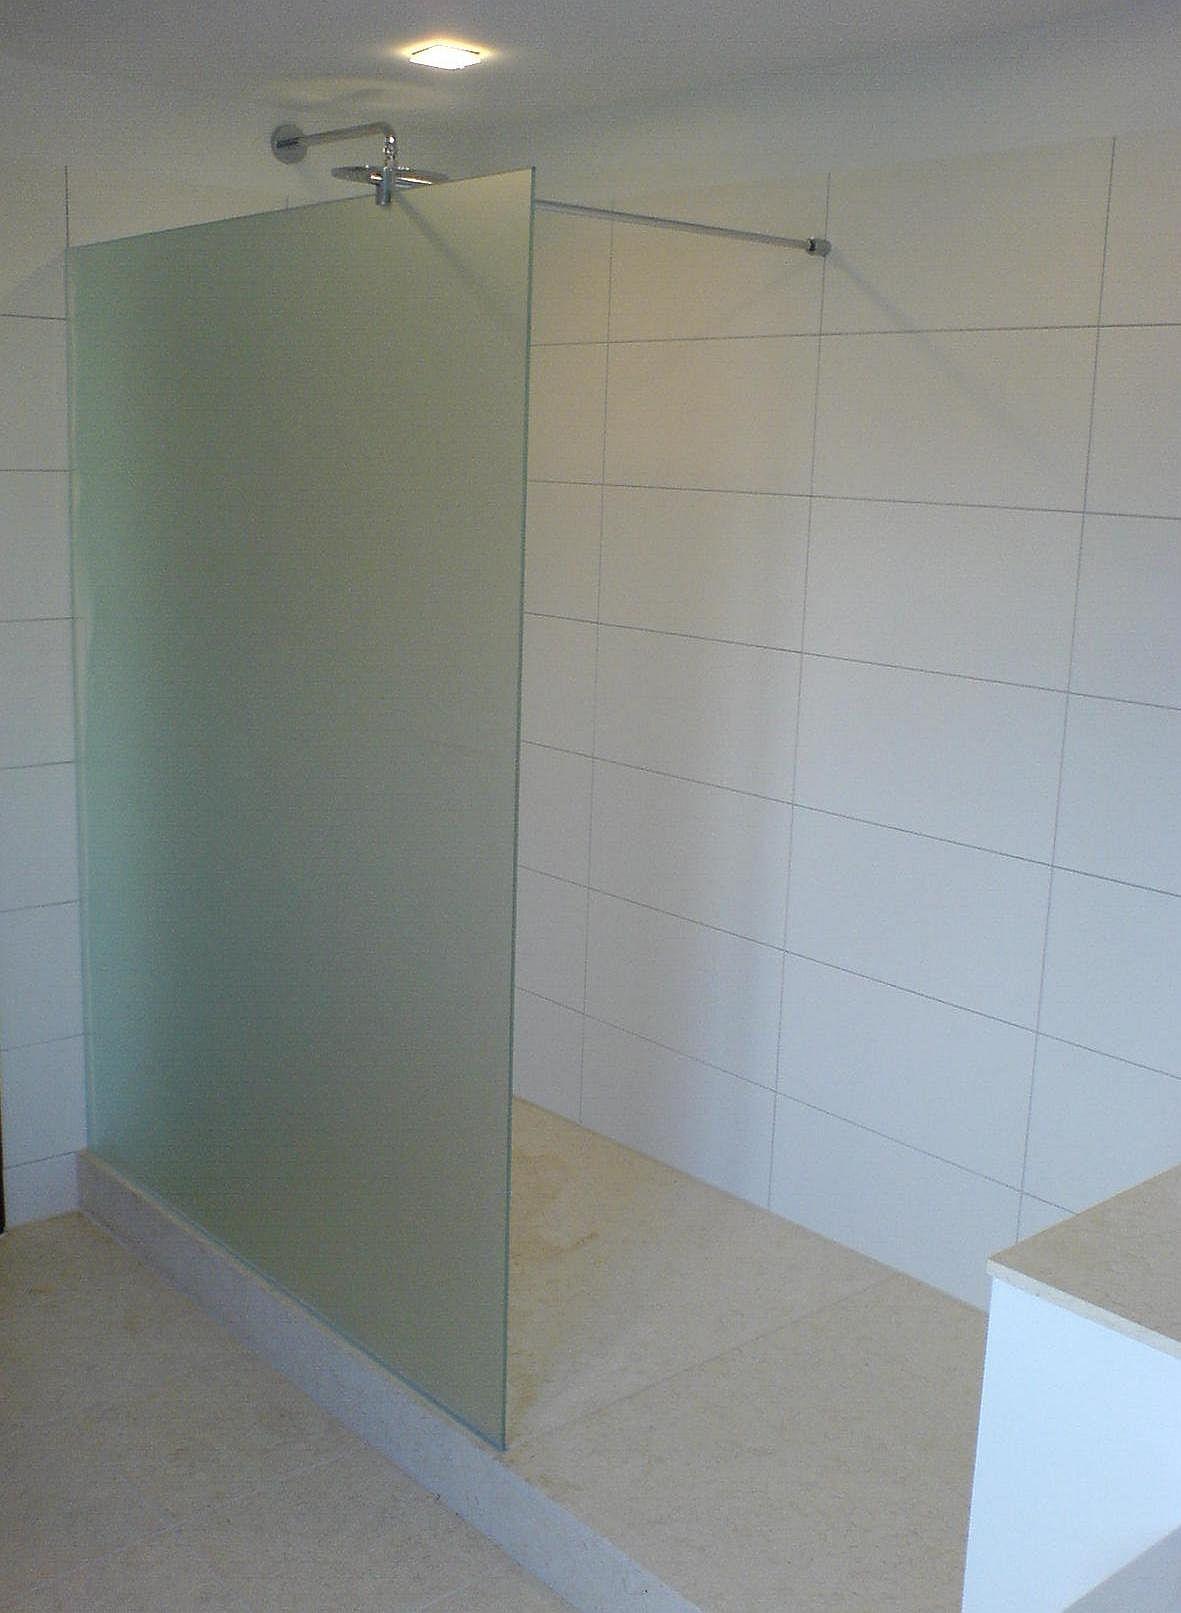 Walk In Dusche mit satiniertem Glas geklebt und Haltestange zur Stabilisation